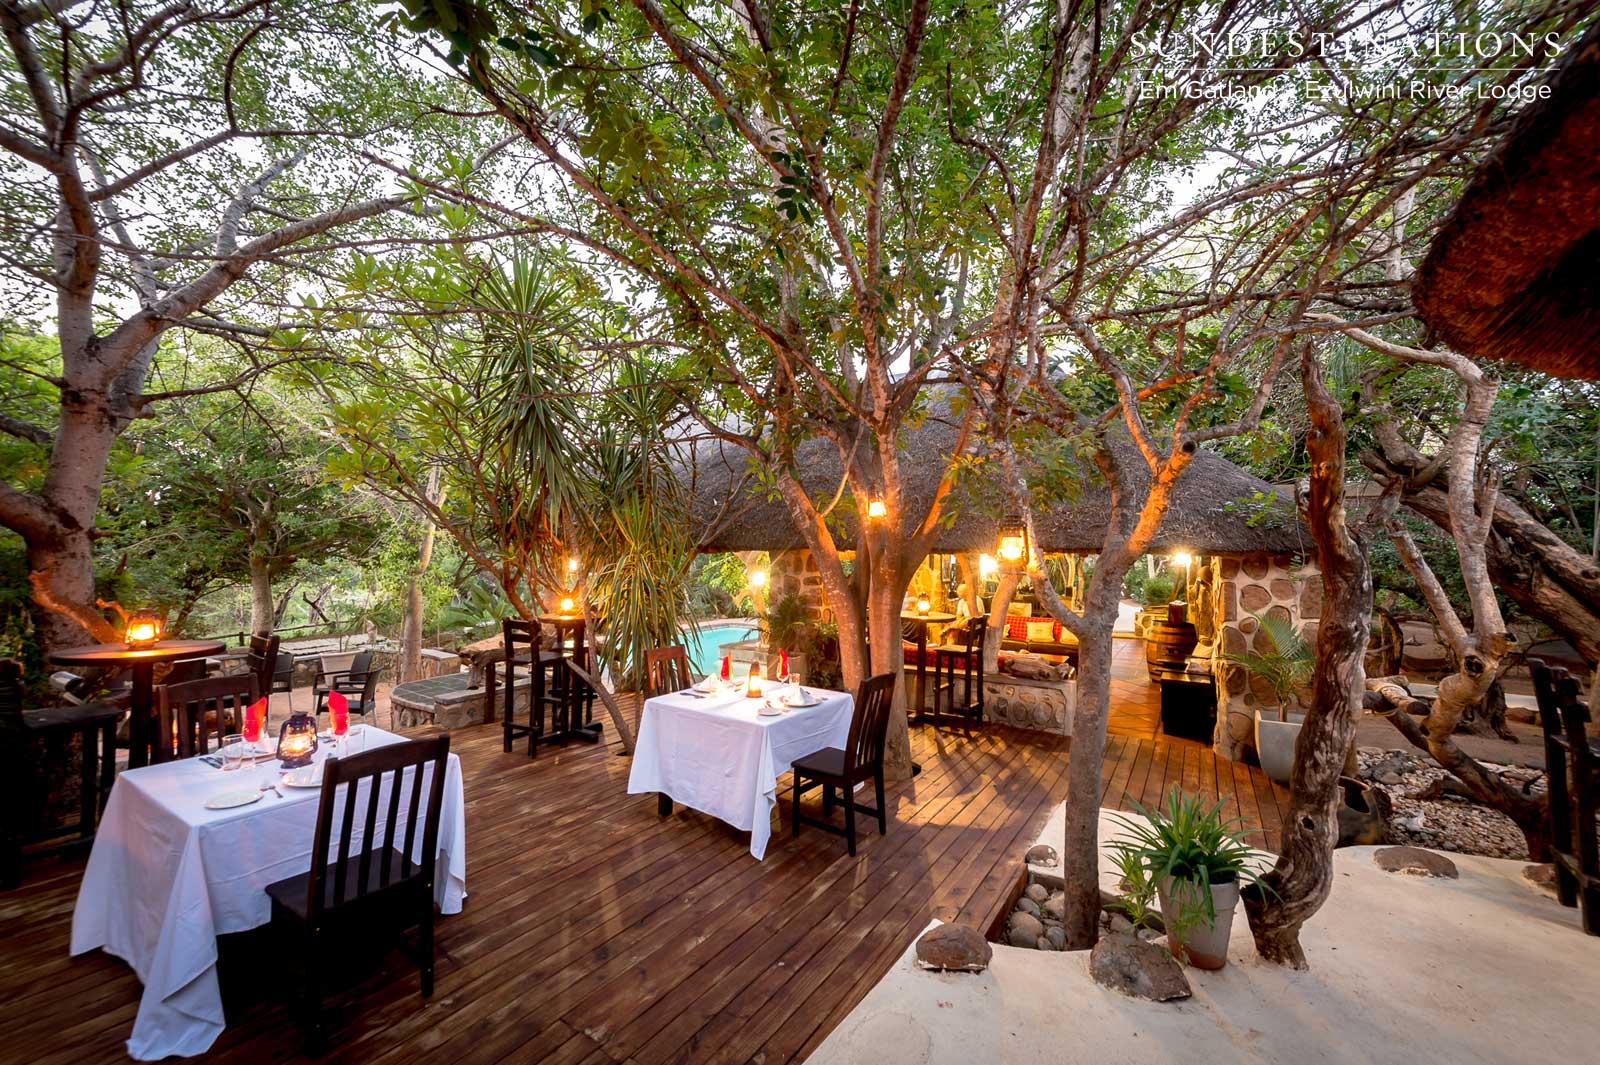 Ezulwini River Lodge Dining